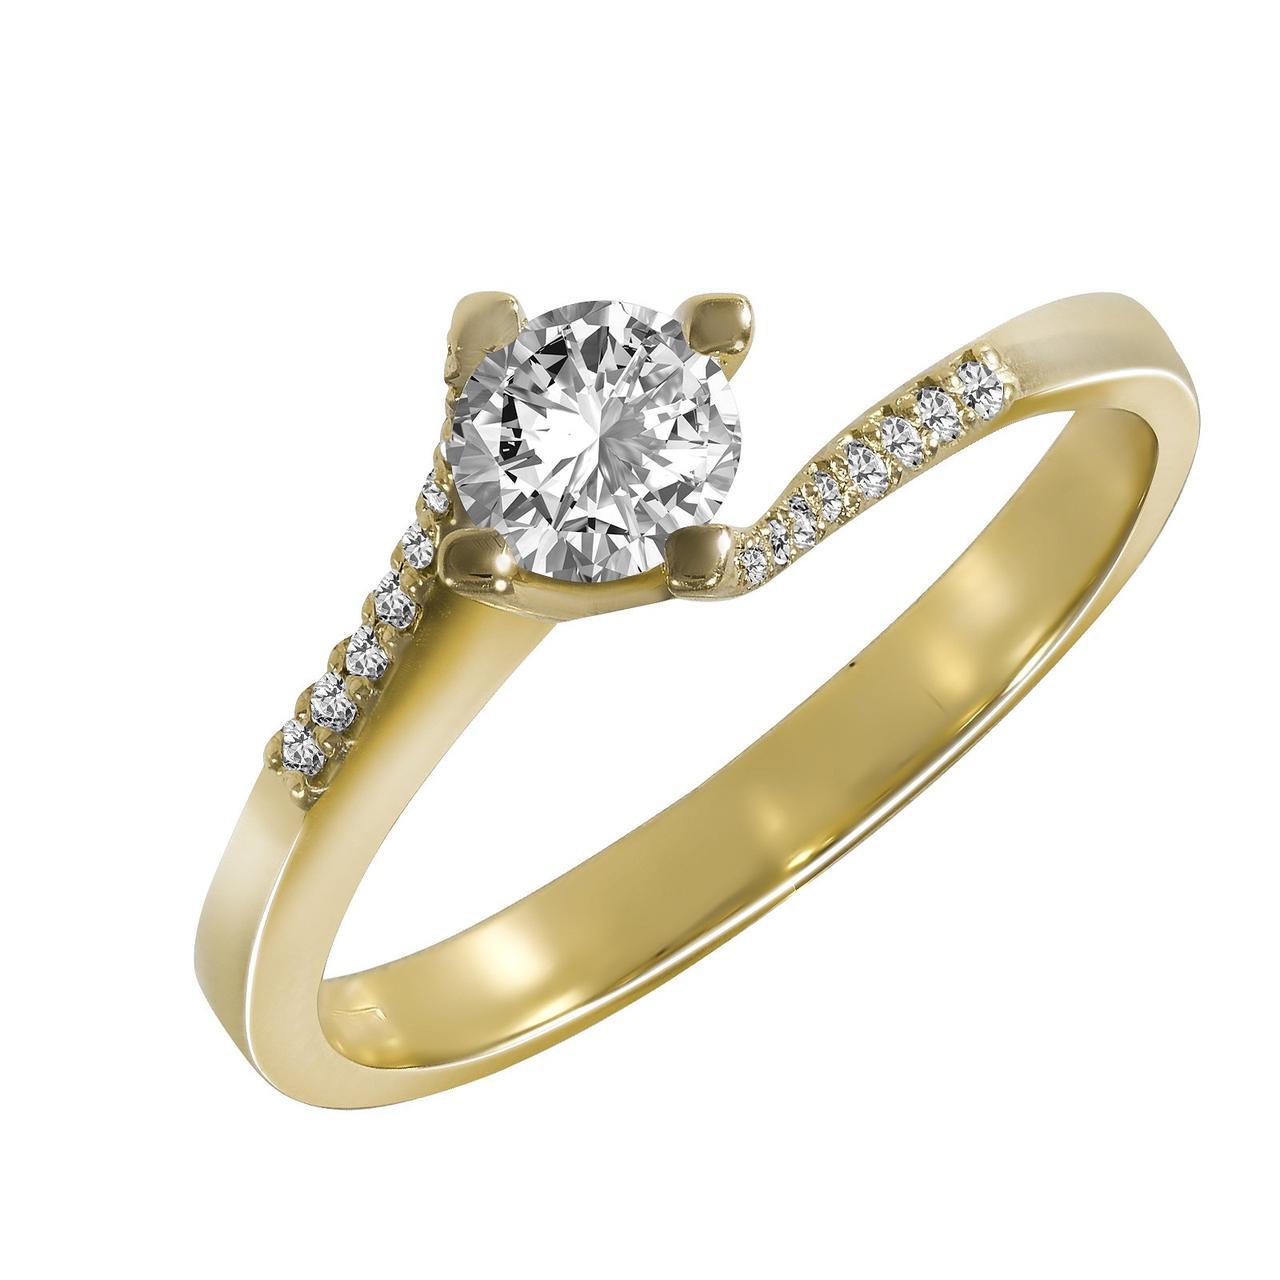 Золотое кольцо с бриллиантами, размер 17 (1695487)